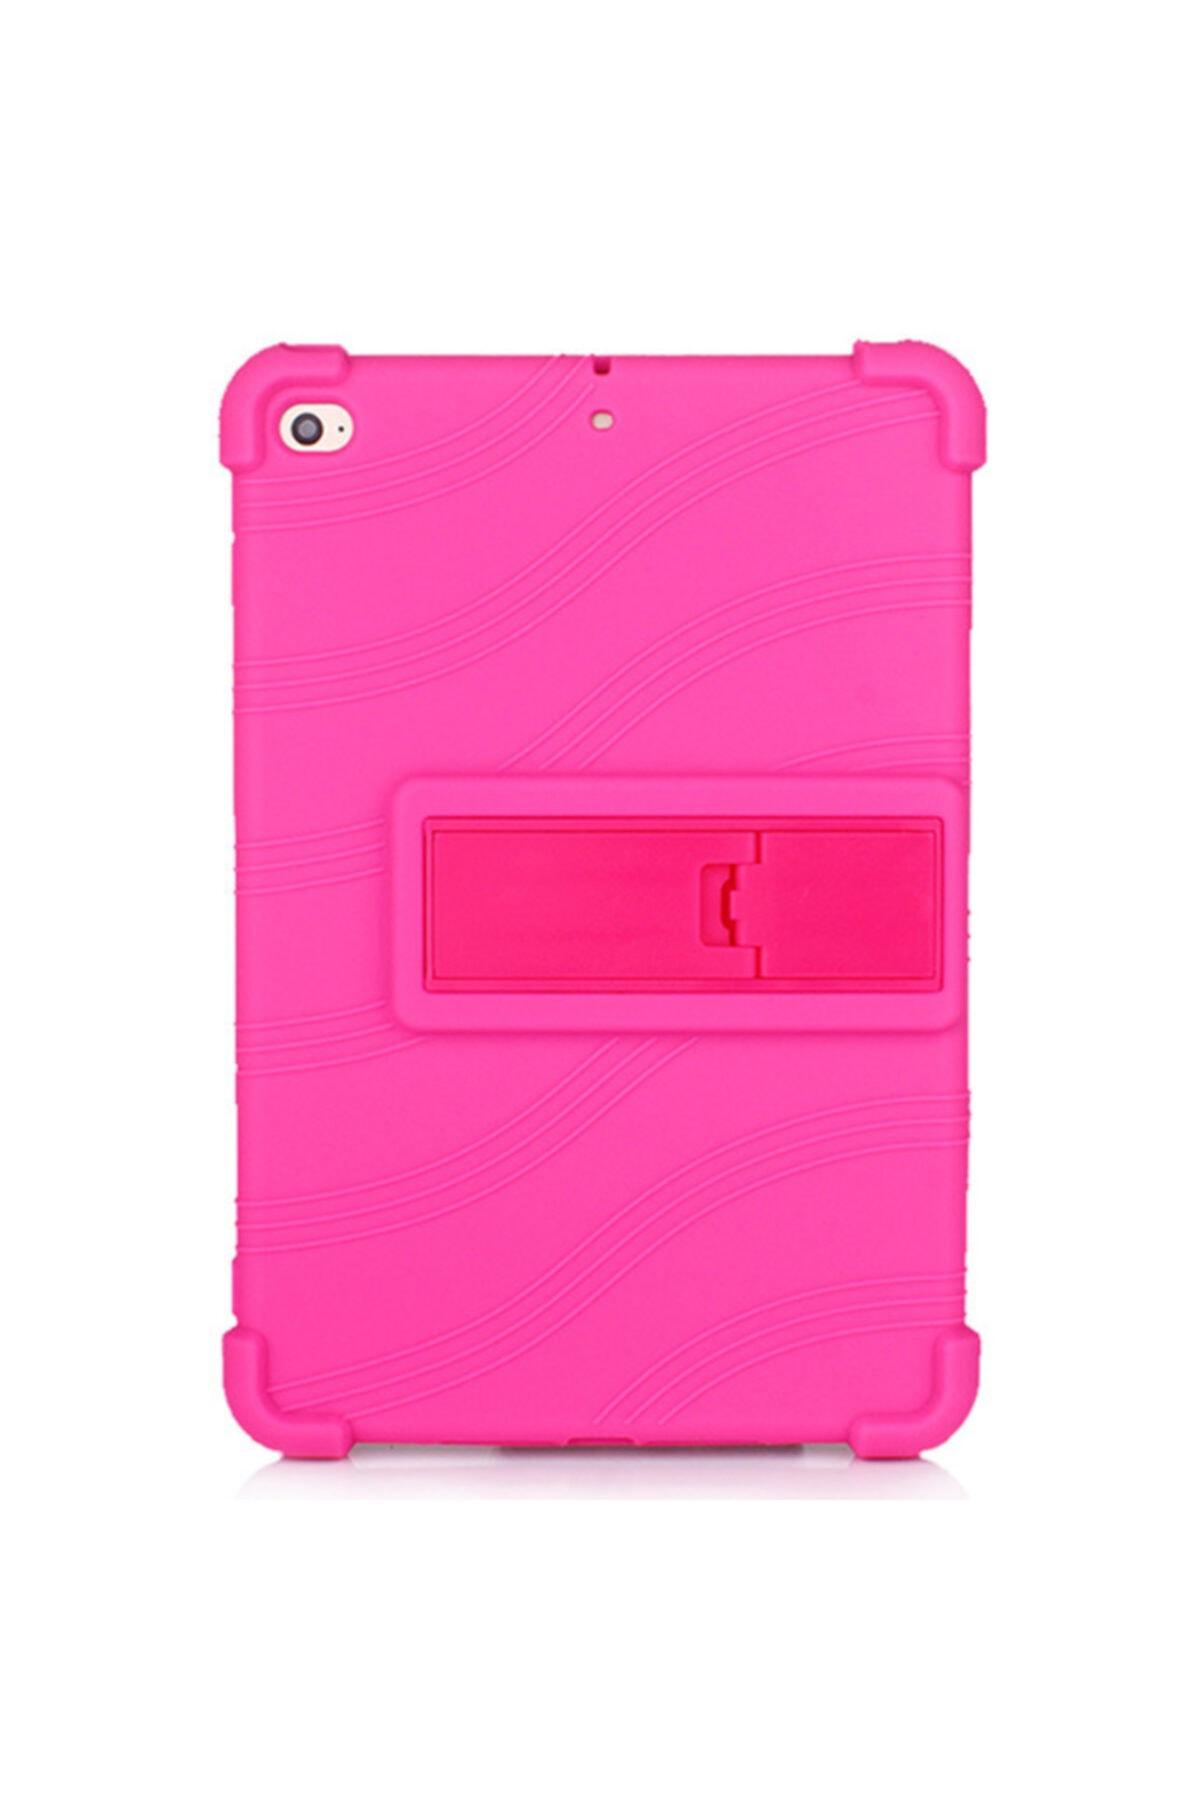 Ally Mobile Ally Ipad Mini 5-mini 4 Shockproof Kılıf Standlı Silikon Kılıf 2